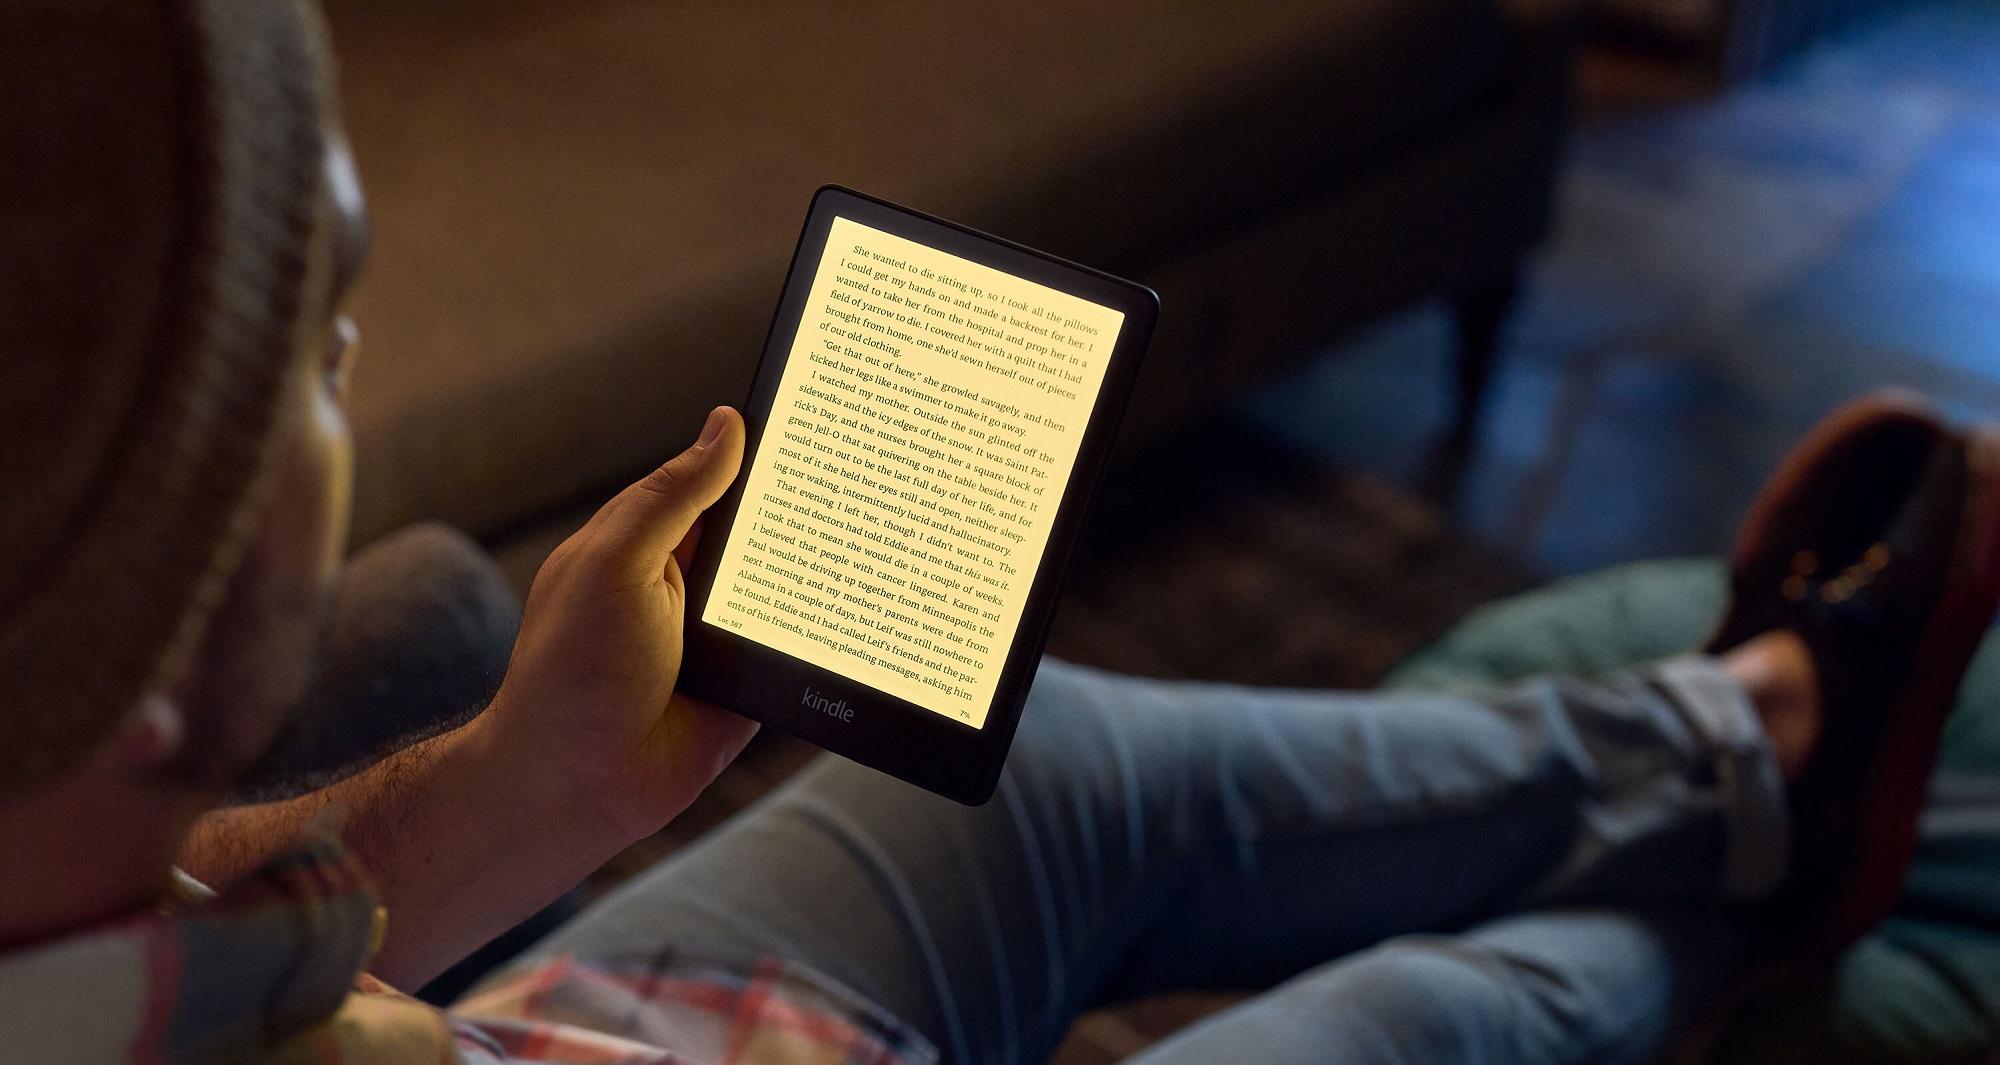 Amazon uppgraderar Kindle Paperwhite med större skärm Samt bättre batteritid och USB-C